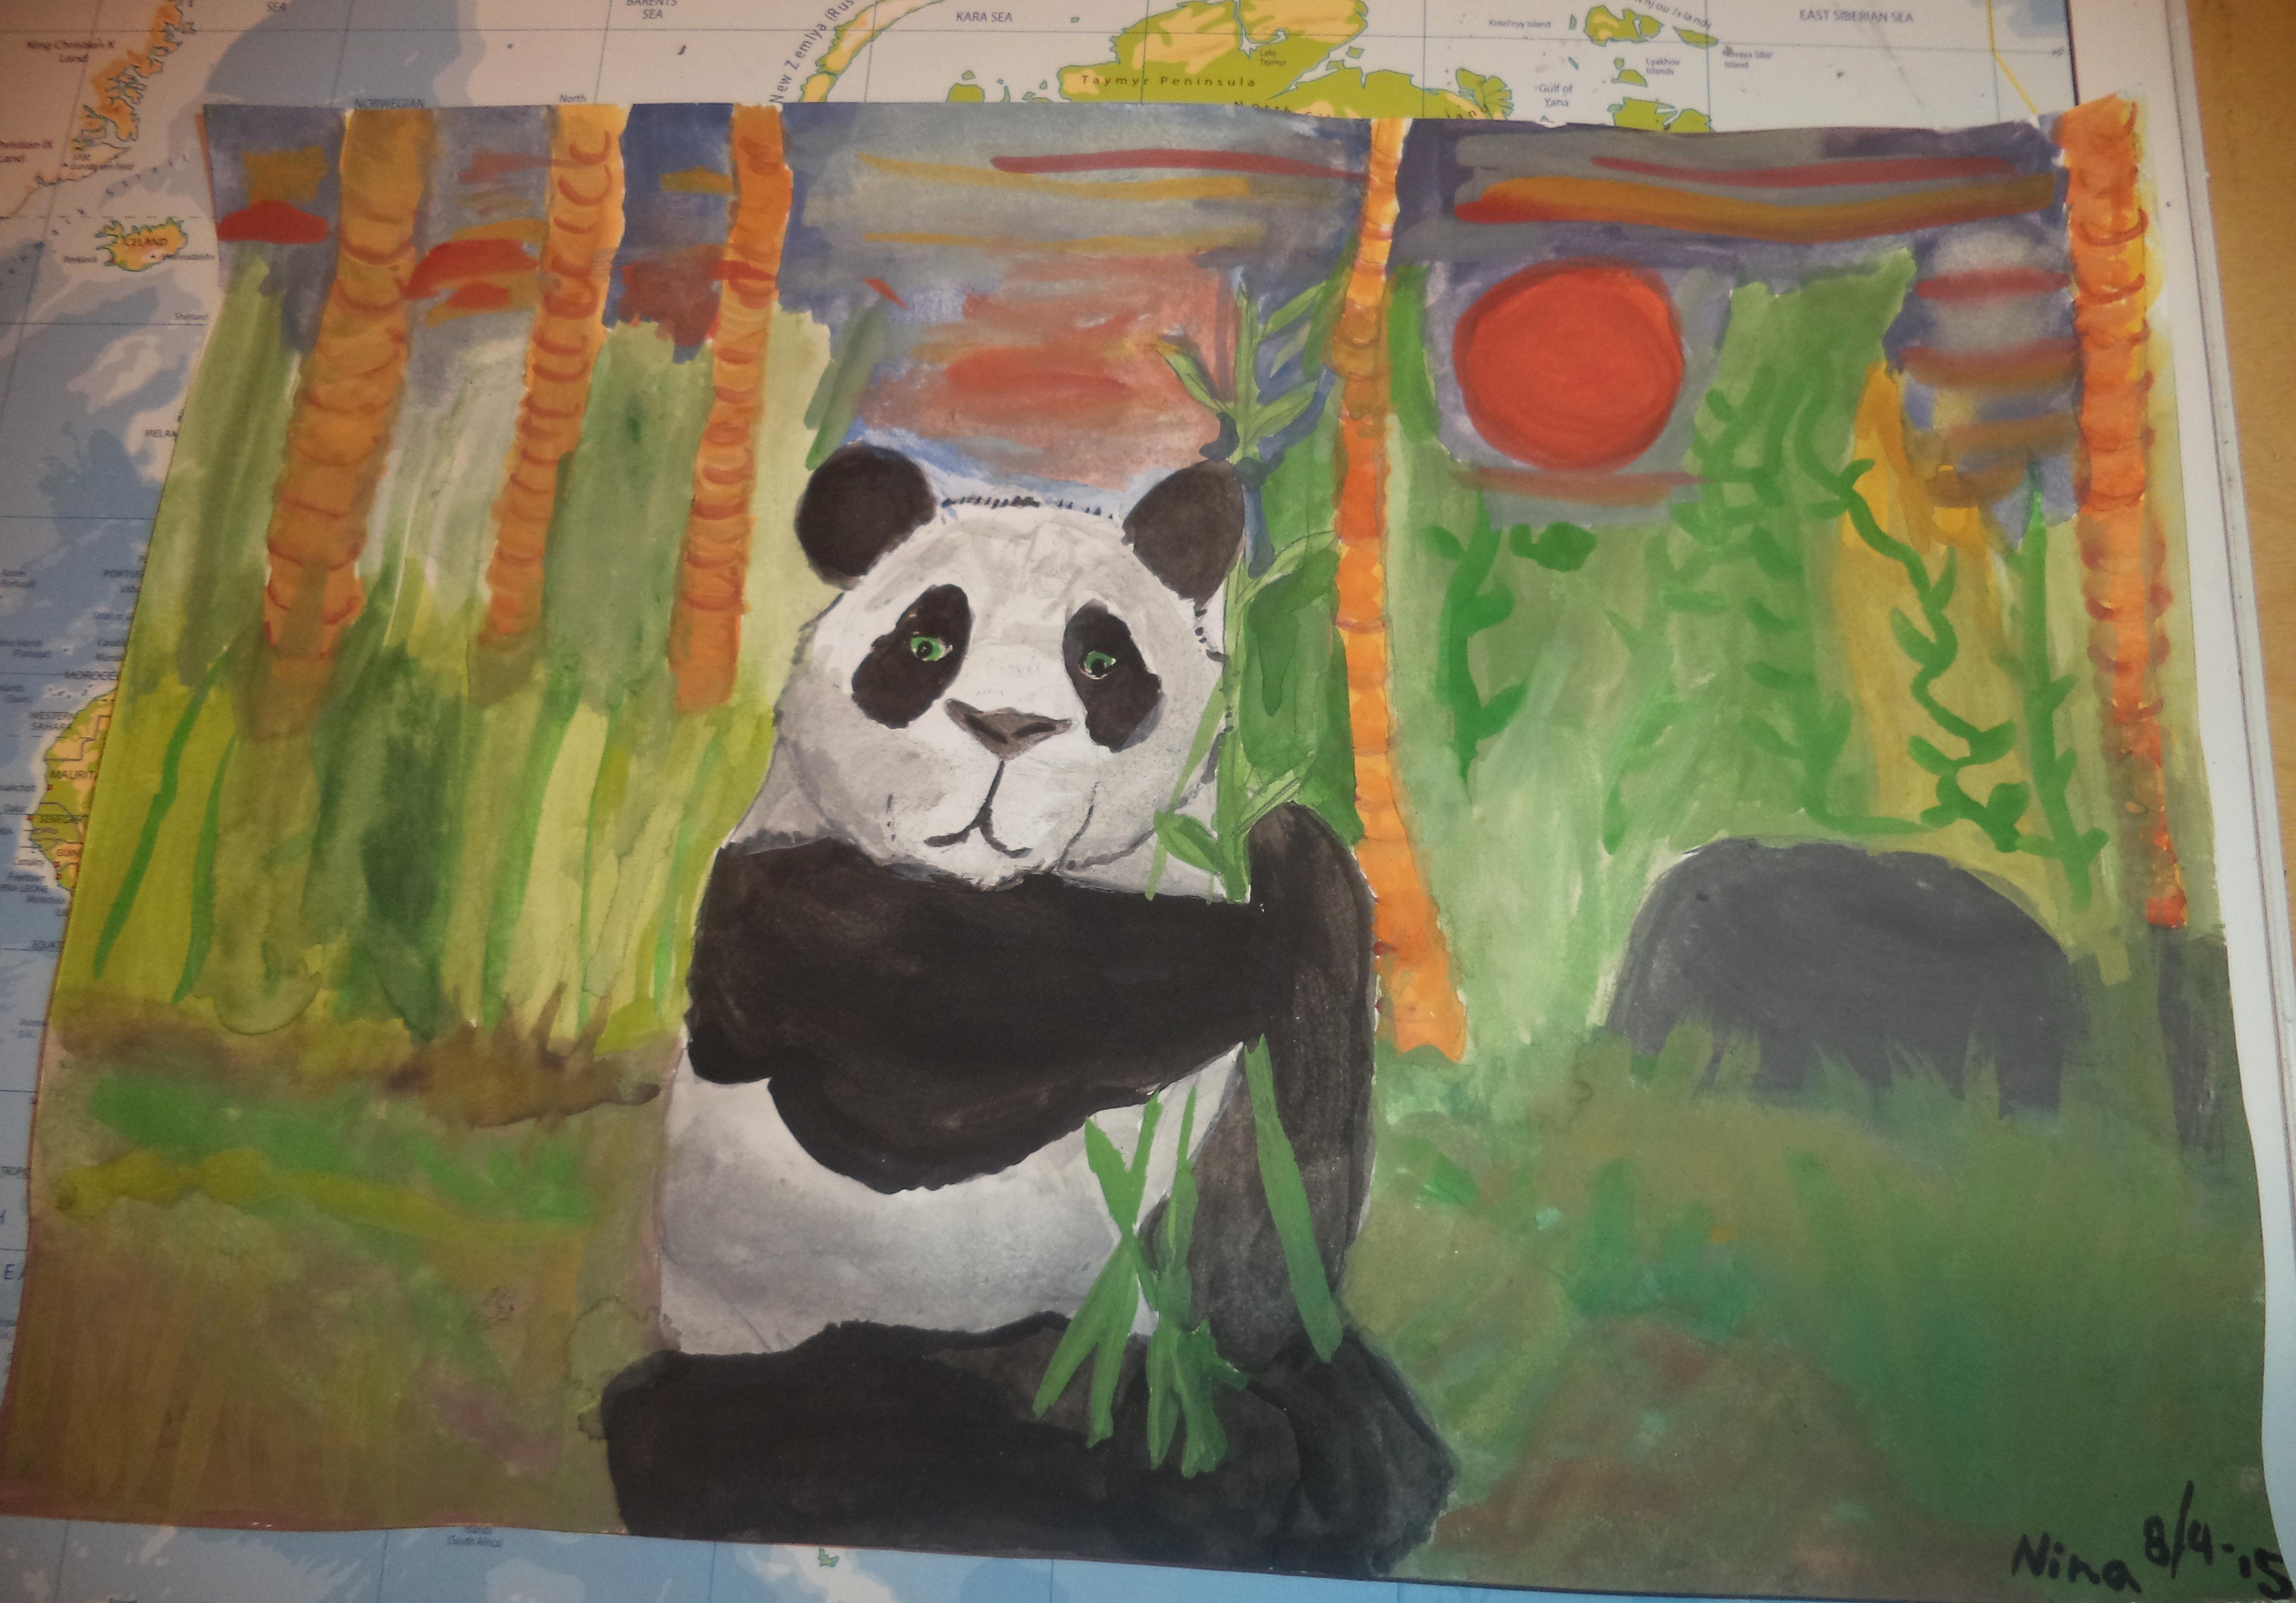 """Den här målningen gjorde jag för några dagar sedan. Namnet är """"I bambuskogens  gröna vrå""""  Det är någonting väldigt tilldragande med pandor som gör att jag verkligen tycker om att teckna eller måla dem.  Jättepandor är fantastiskt fina djur som är utrotningshotade, men som nu blir fler i Kina. Den här målningen, som är gjord i vattenfärg, kan ses som en hyllning till världens få men unika pandor. ~ <3"""